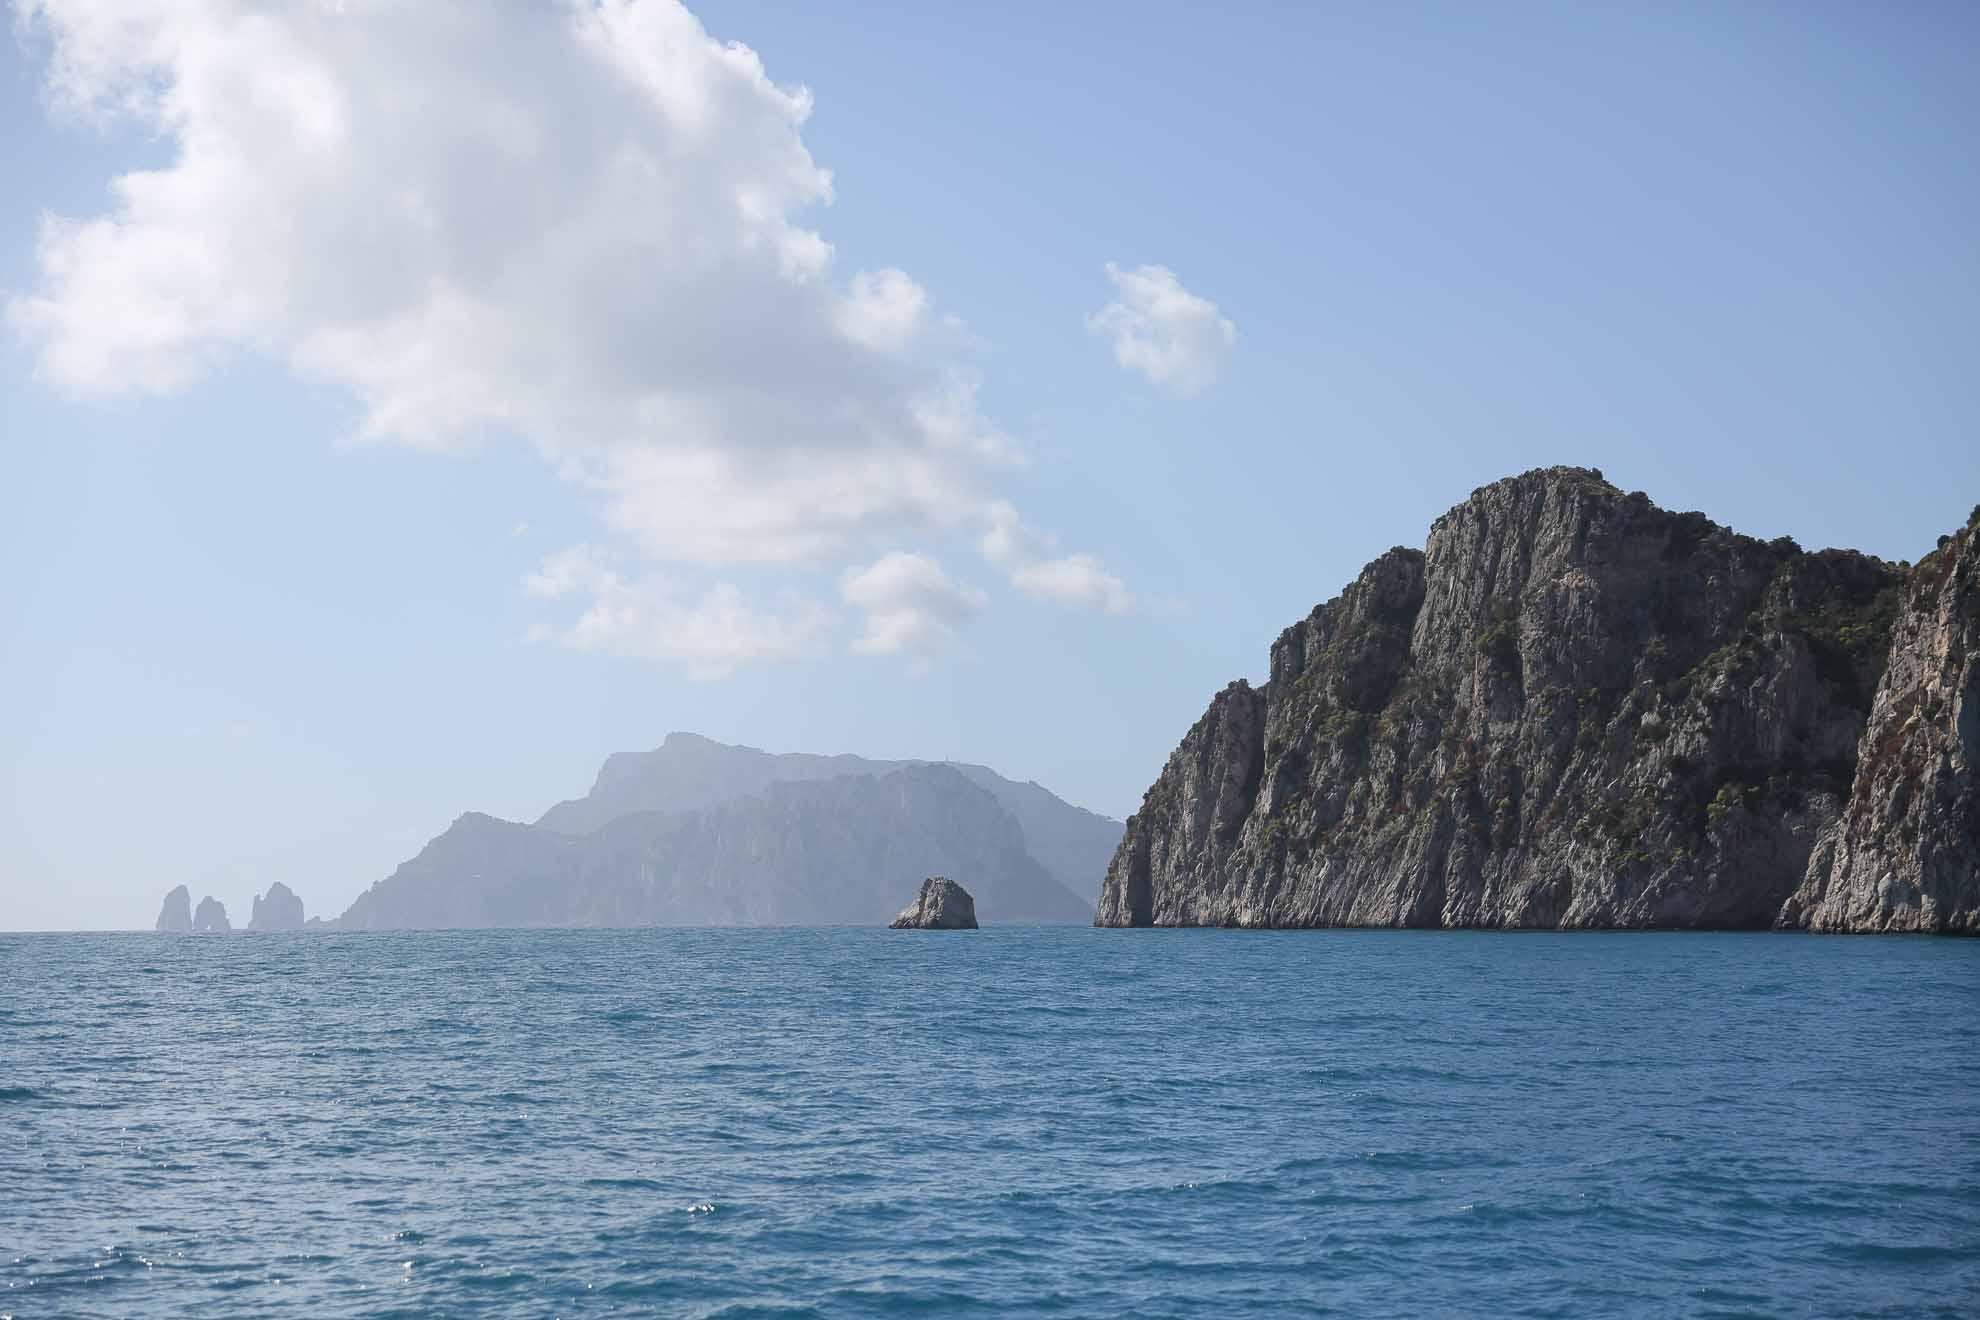 Die Insel Capri liegt kaum zwei Seemeilen vor der italienischen Küste im Golf von Neapel.